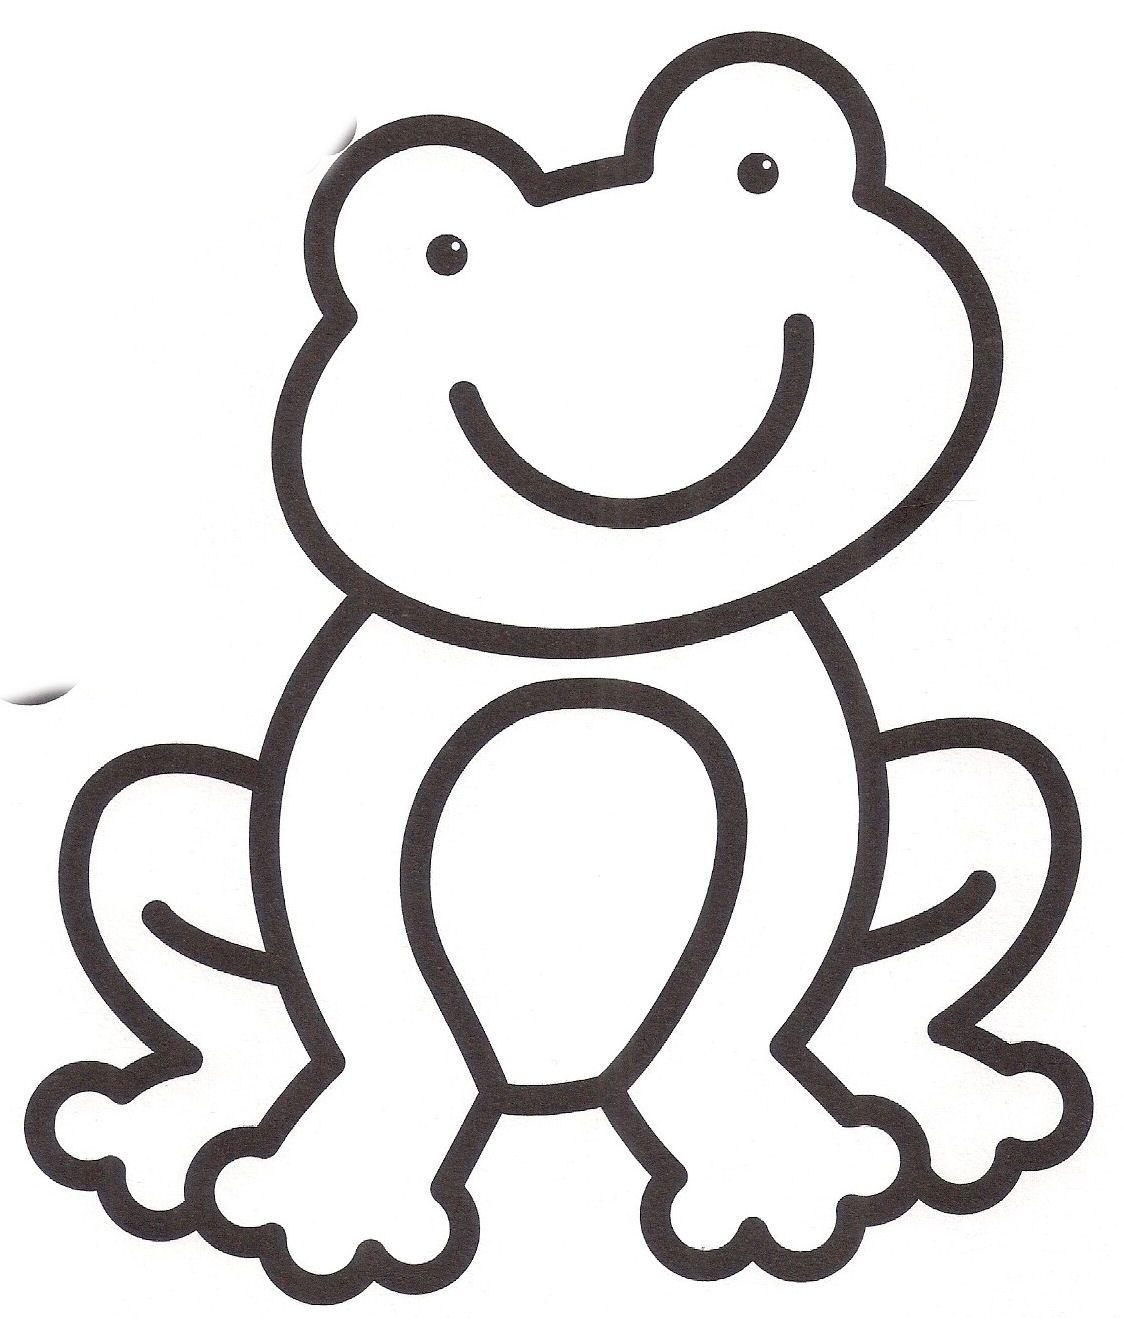 Coloriage 2 Ans Coloriages Pour 2 A 3 Ans 2e Frais Of Coloriage 2 Ans Coloriage D Animaux Pour 2 Art Drawings For Kids Animal Coloring Pages Stencils For Kids